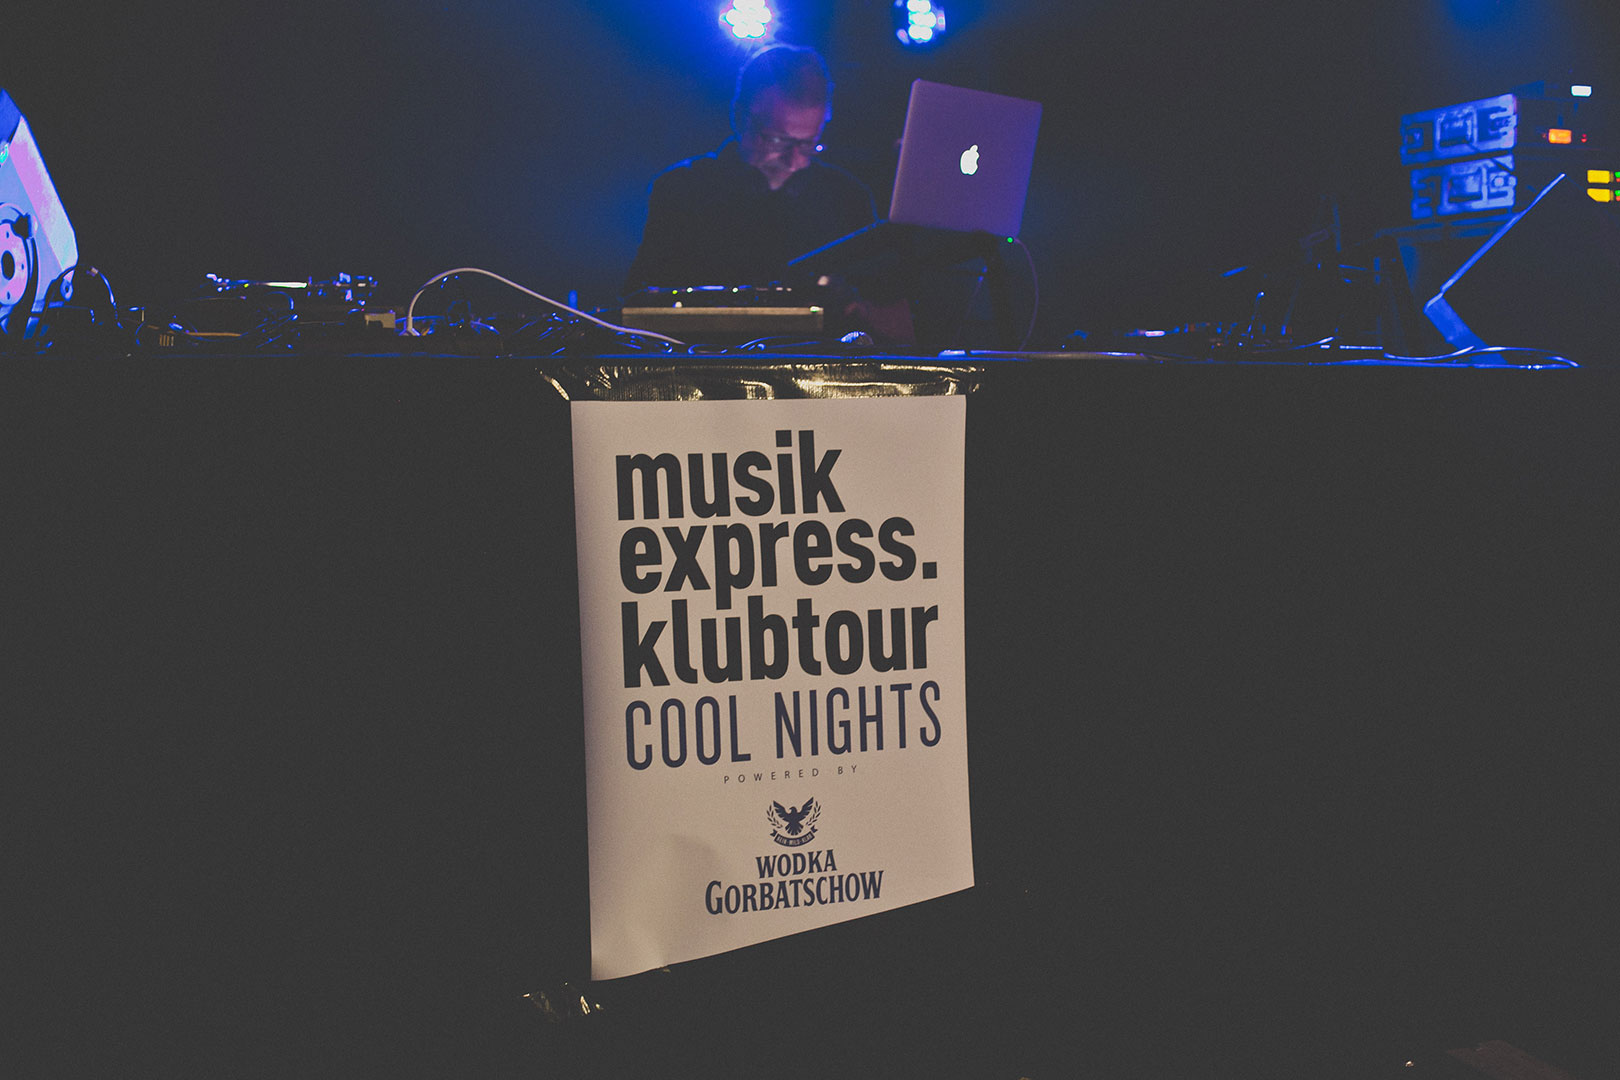 musik express klubtour